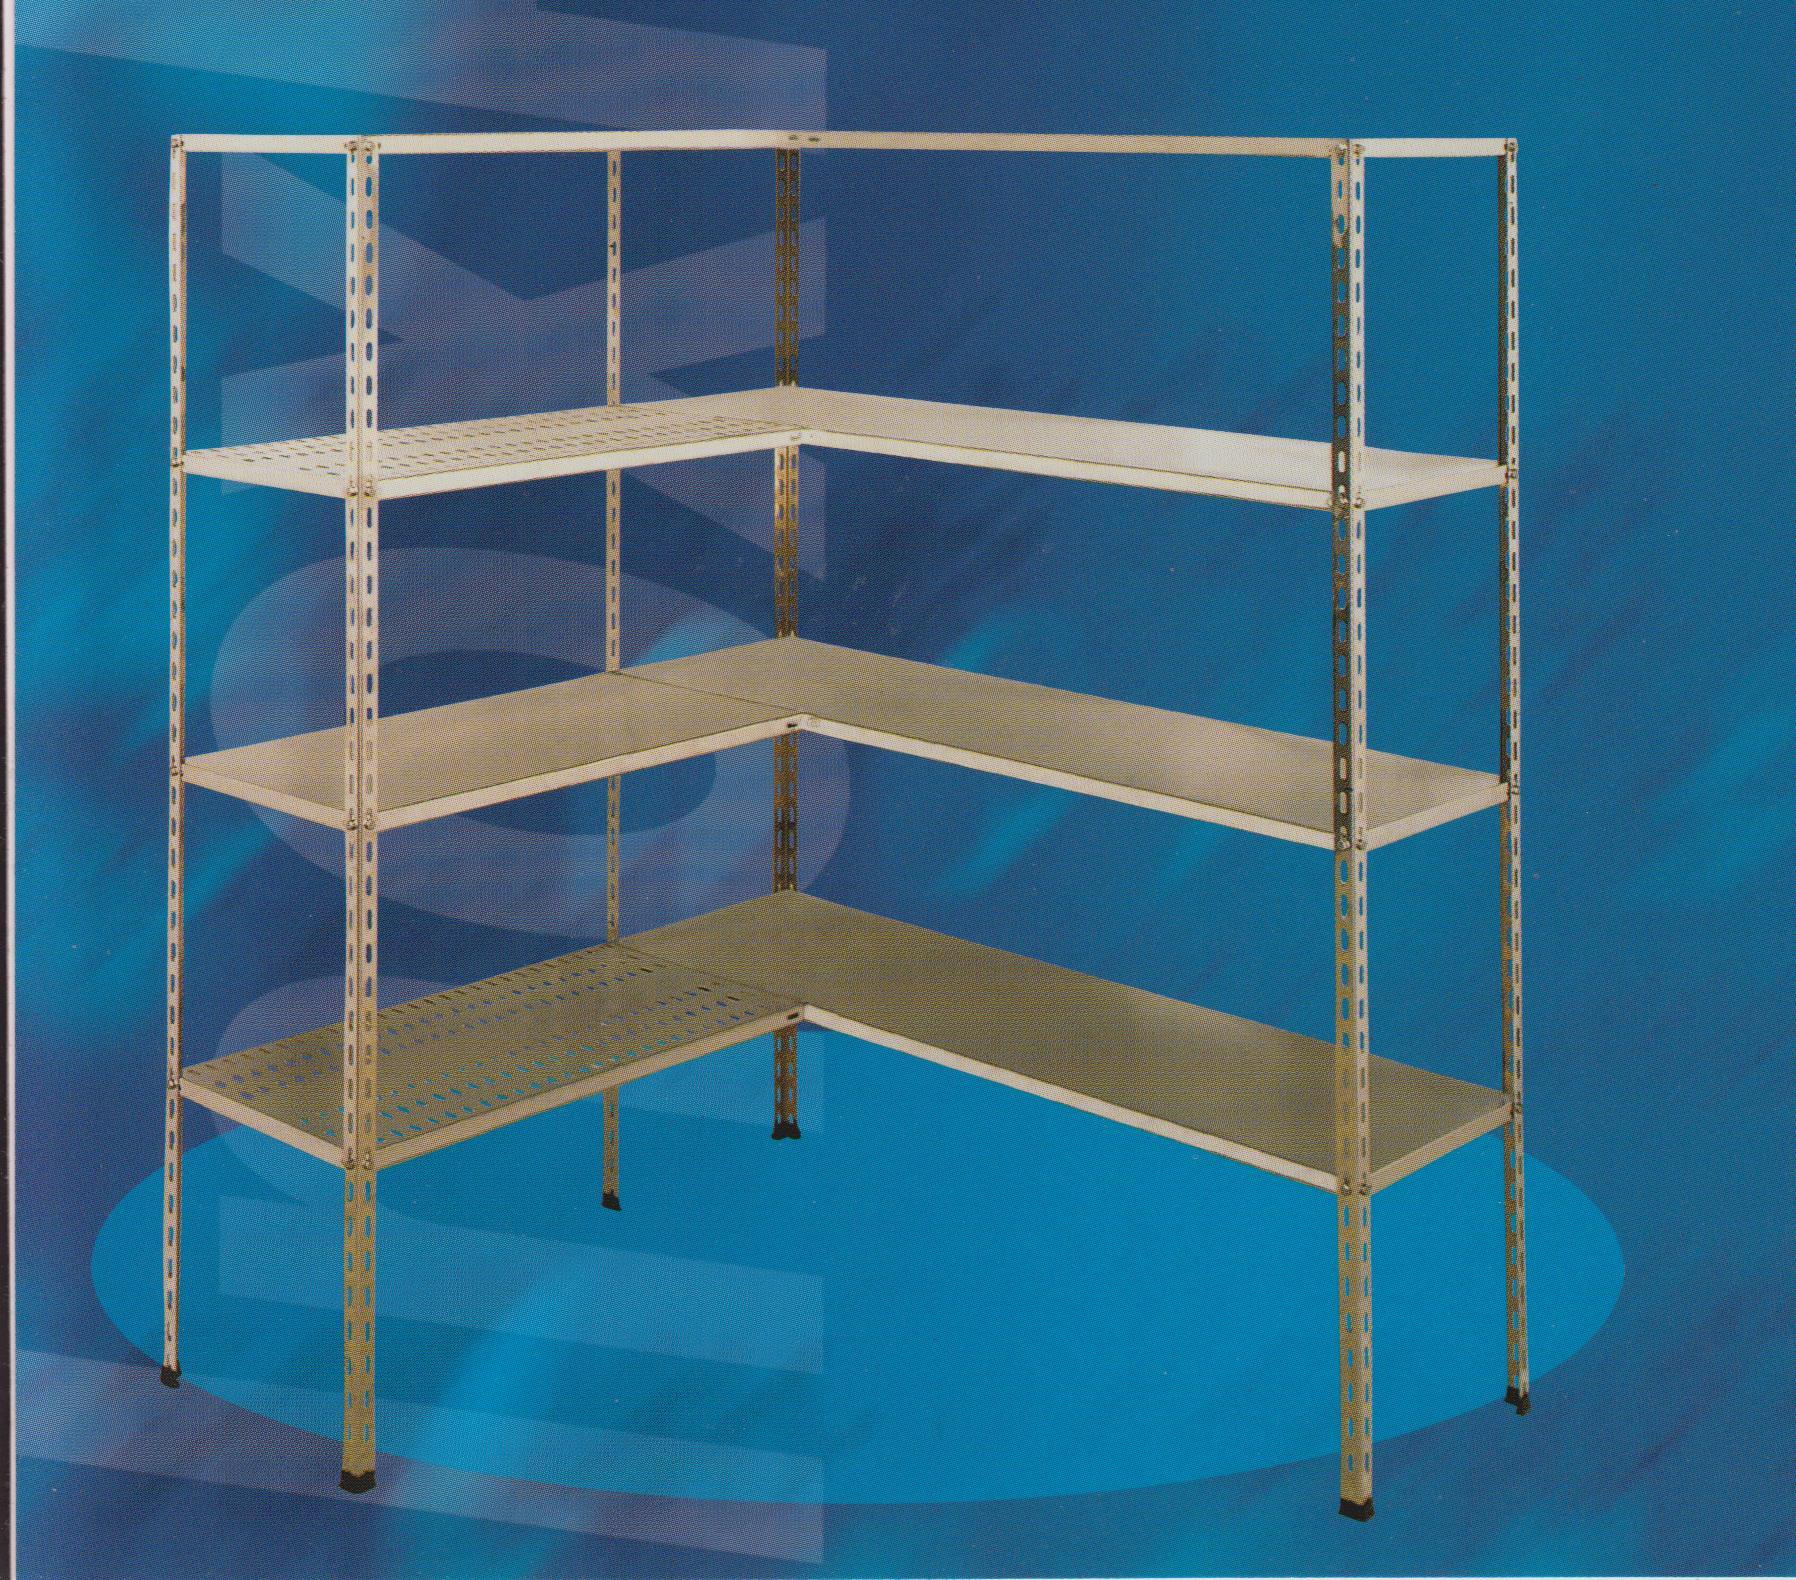 Scaffalature metalliche in acciaio inox aisi 304 for Scaffali per ufficio acciaio